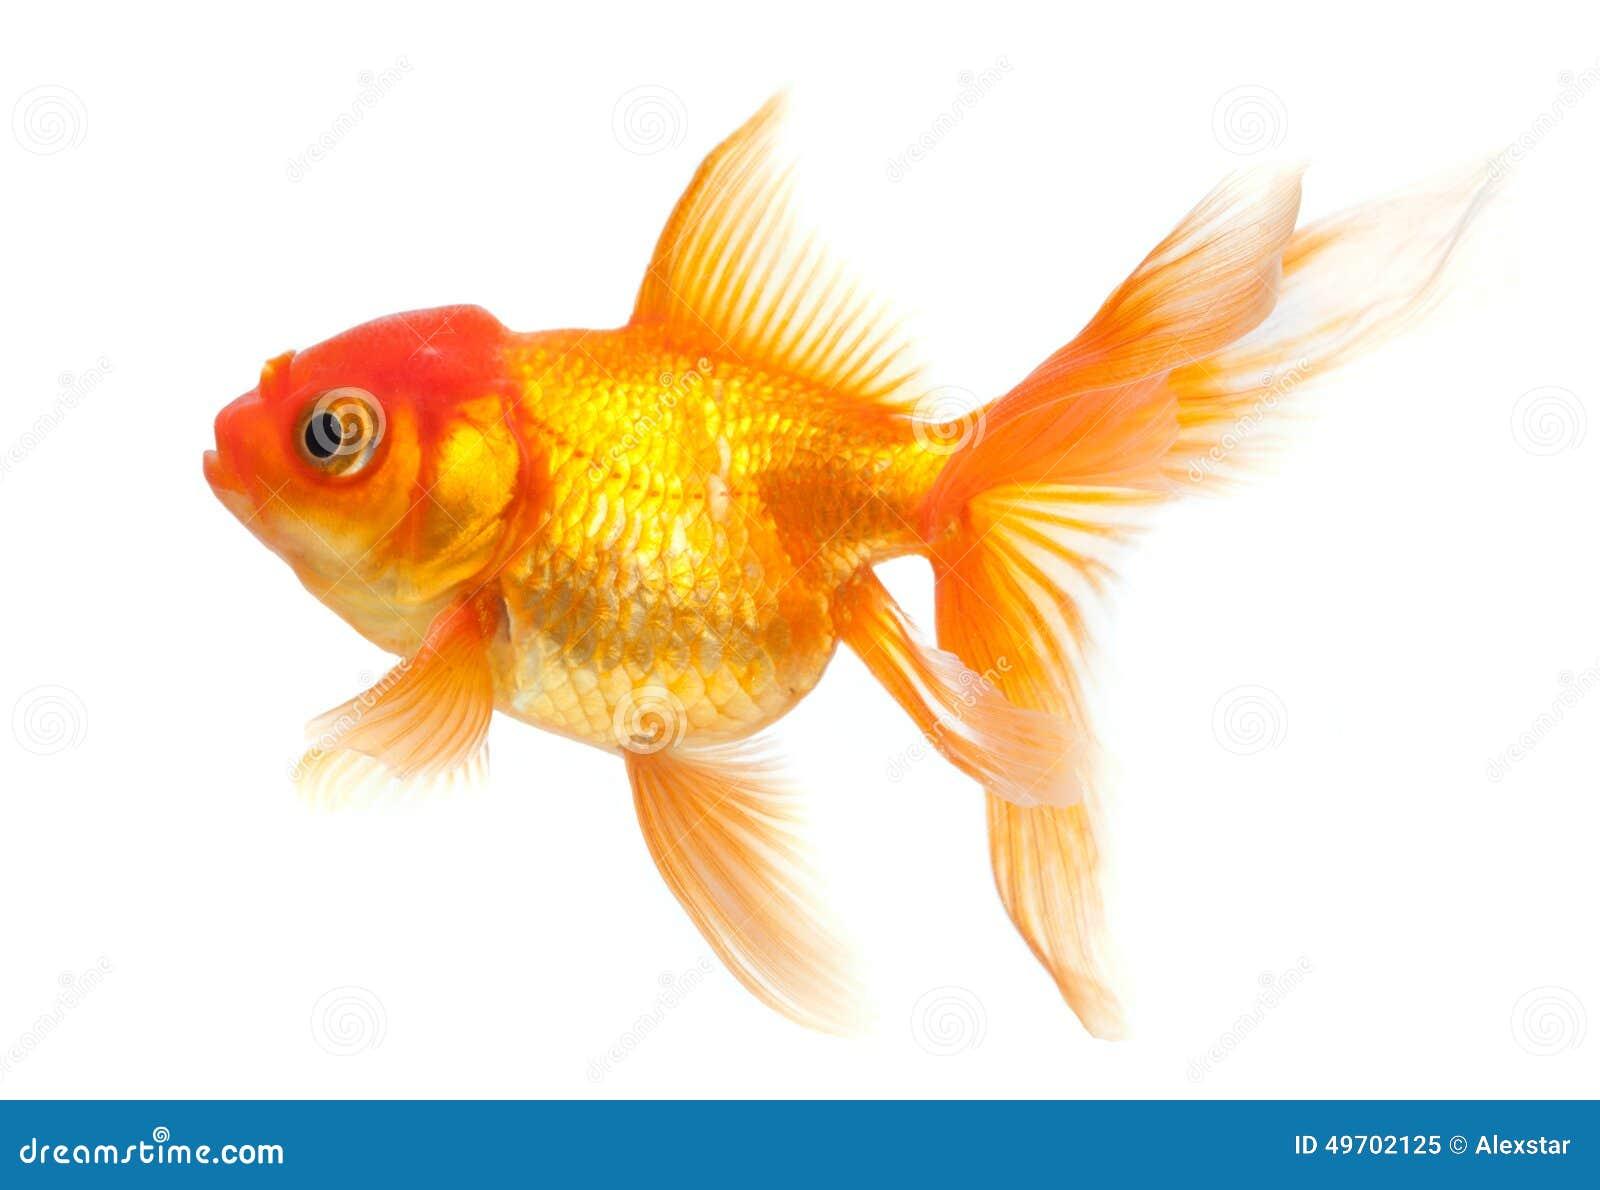 Pez de colores imagen de archivo. Imagen de cola, goldfish - 49702125